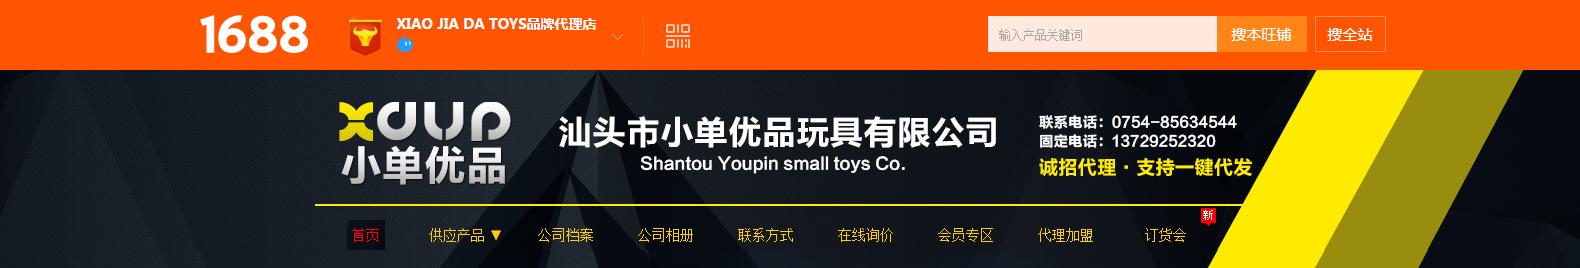 Магазин XIAO JIA DA TOYS